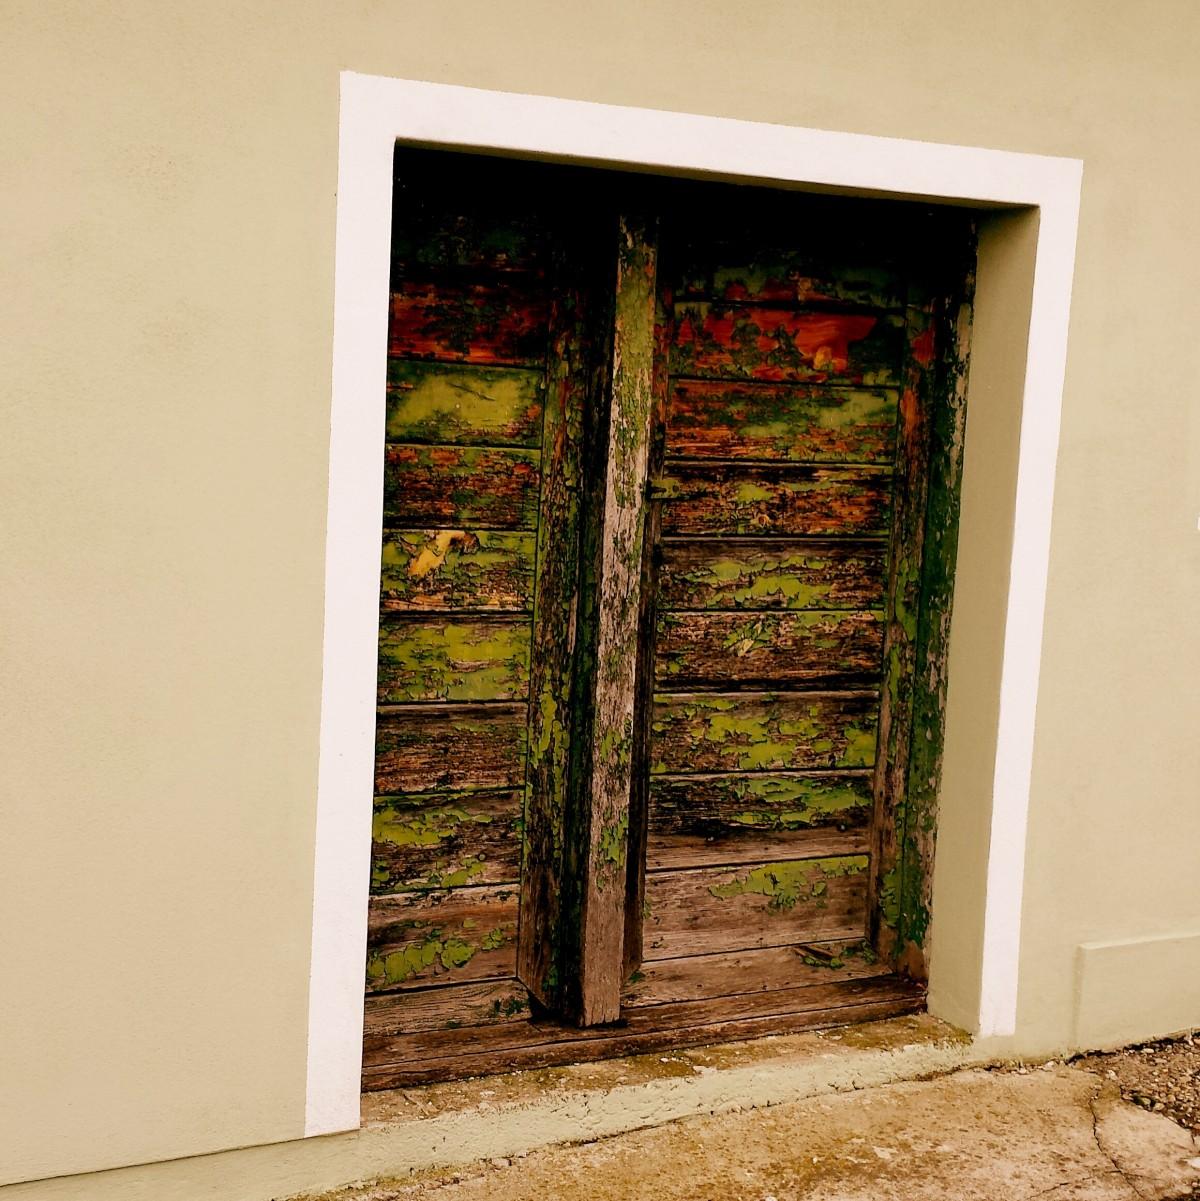 무료 이미지 : 목재, 조직, 늙은, 벽, 빨간, 색깔, 푸른, 문, 그림 ...